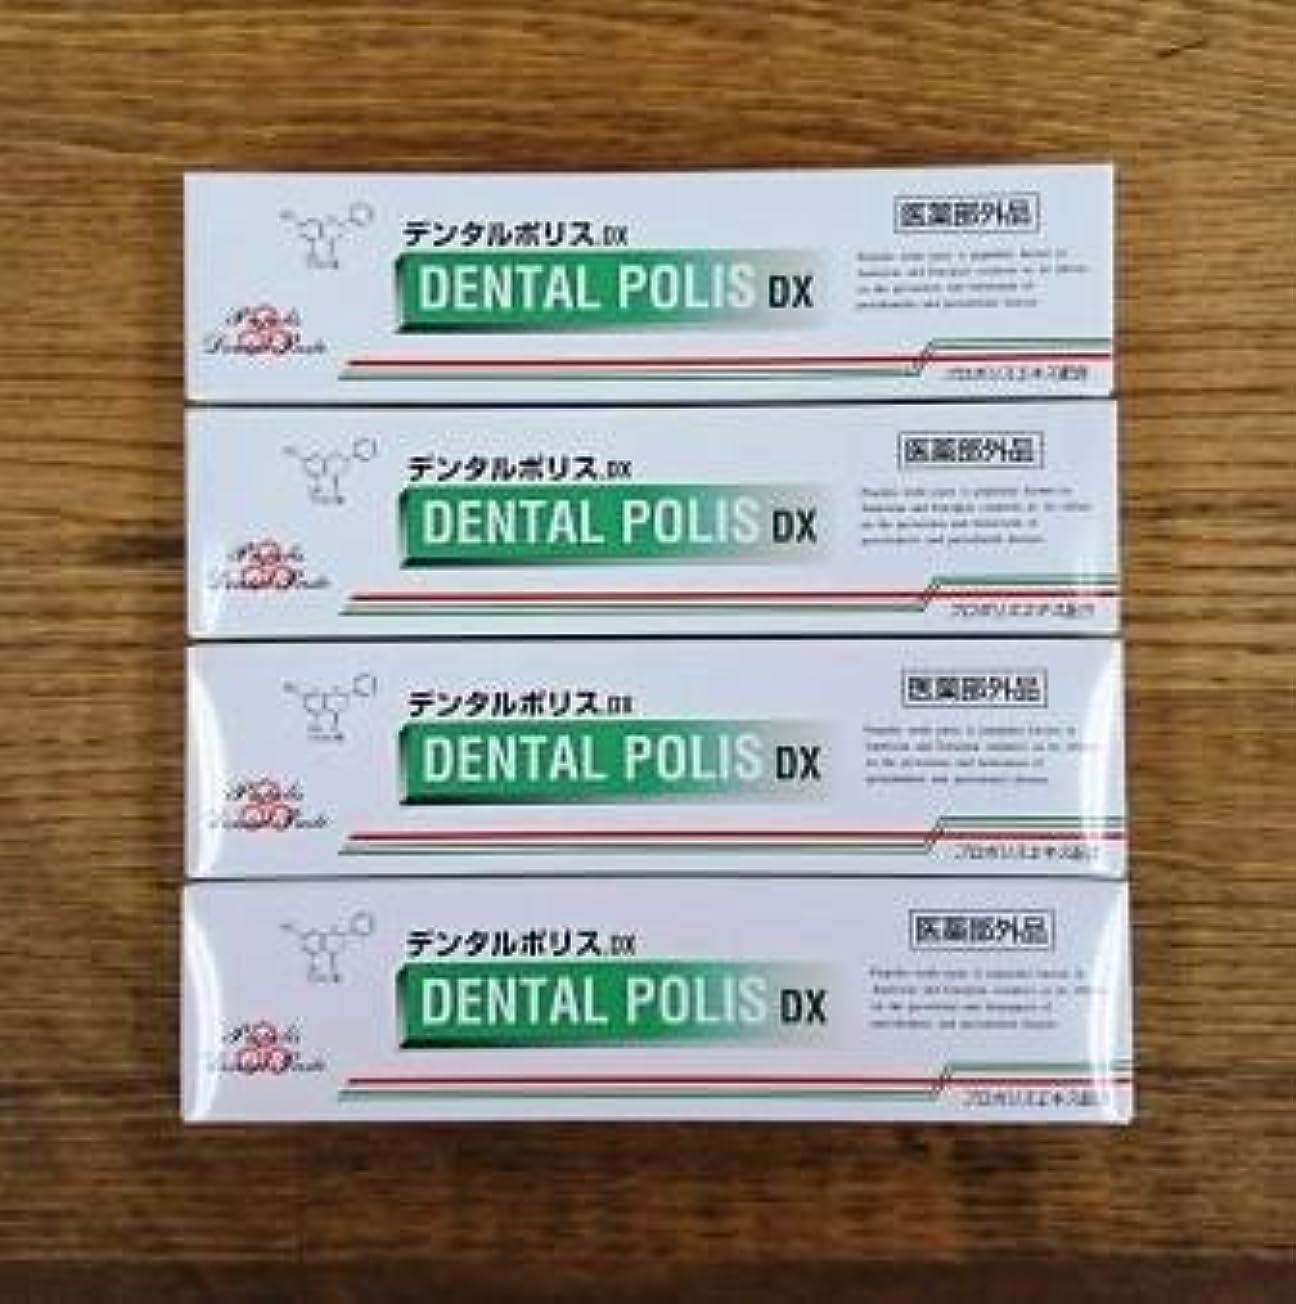 ファッション通訳トイレデンタルポリスDX80g×4本セット 医薬部外品  歯みがき